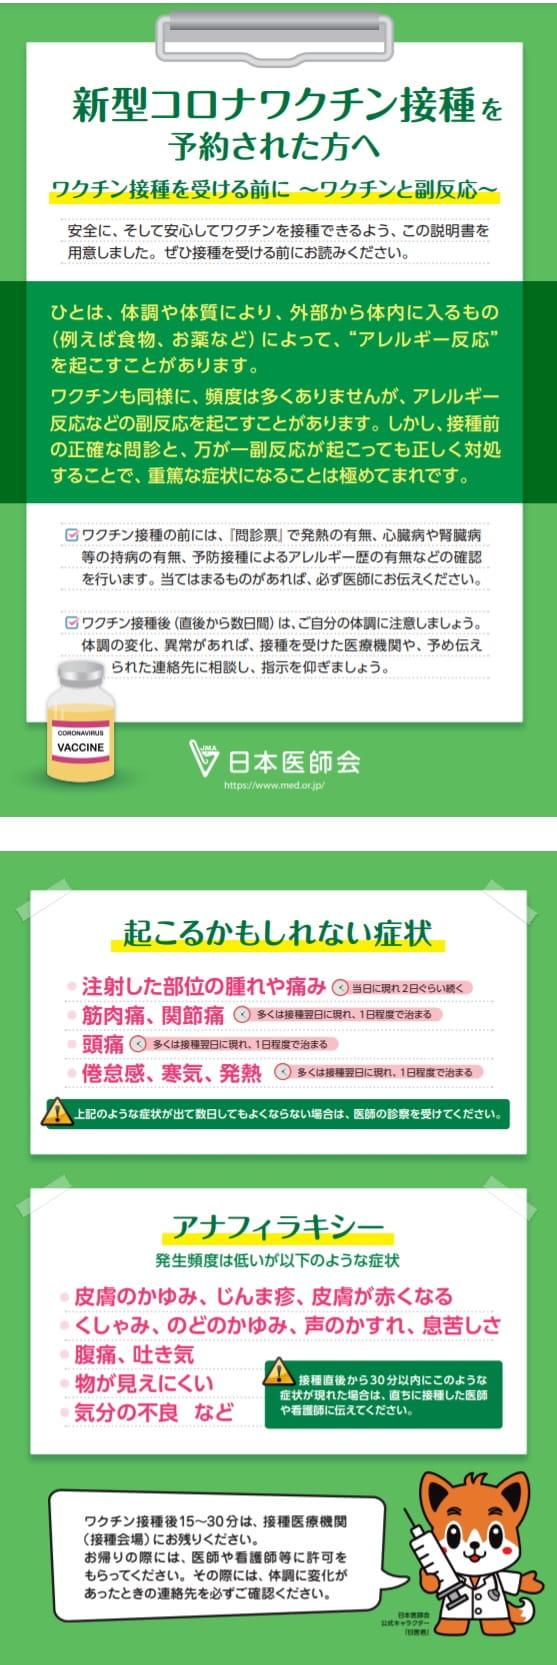 日本医師会のコロナワクチン副反応の説明チラシが酷い